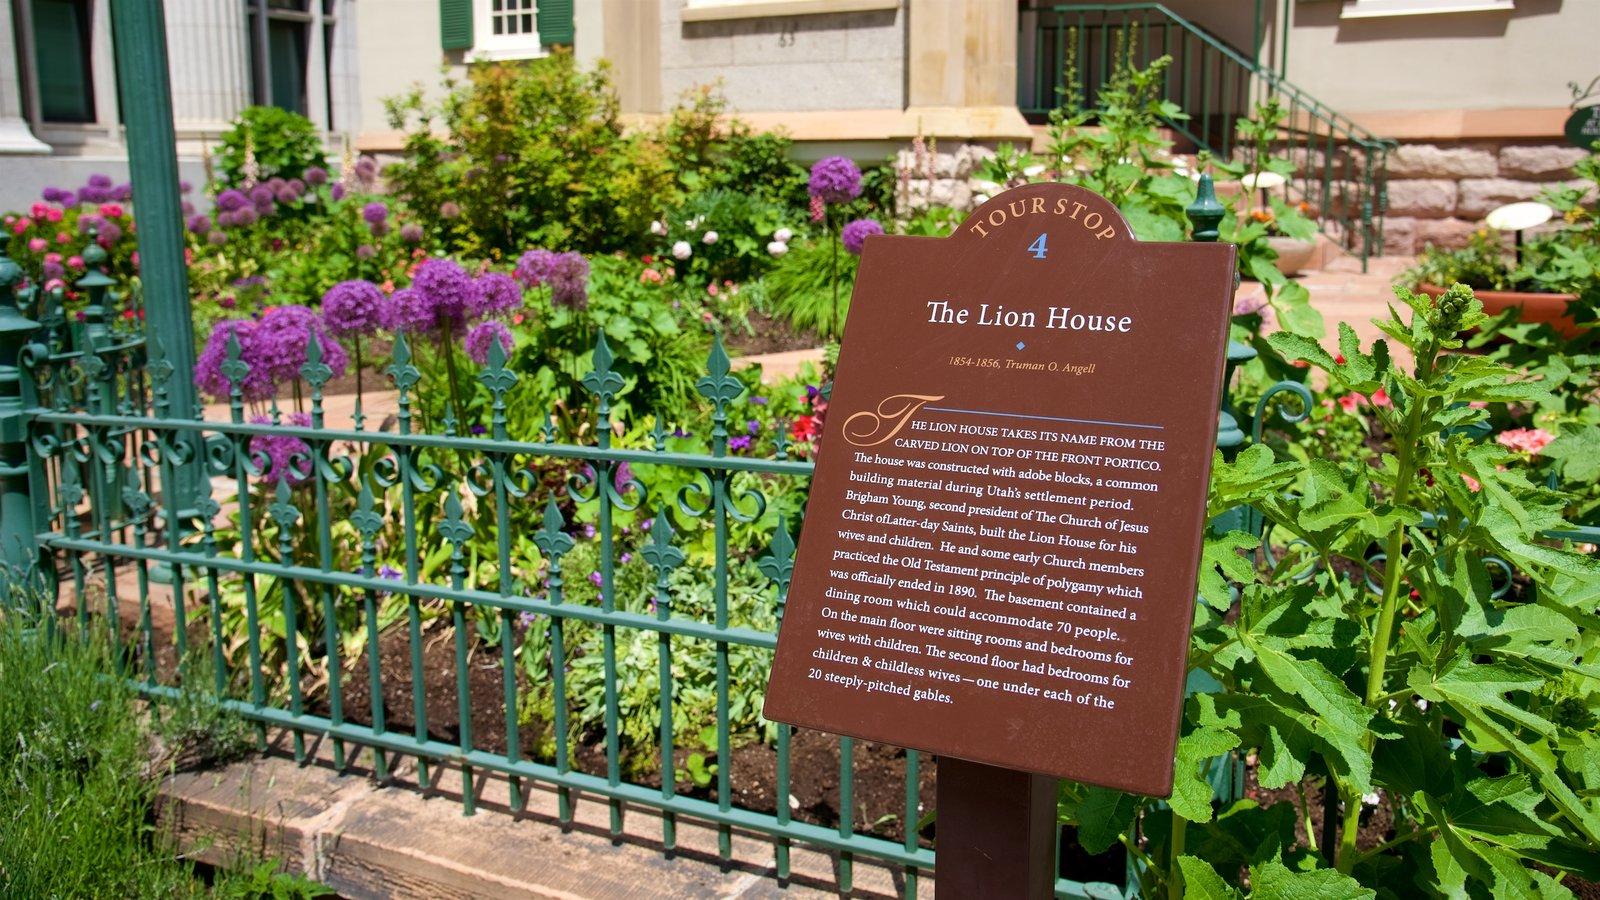 Lion House que incluye señalización y flores